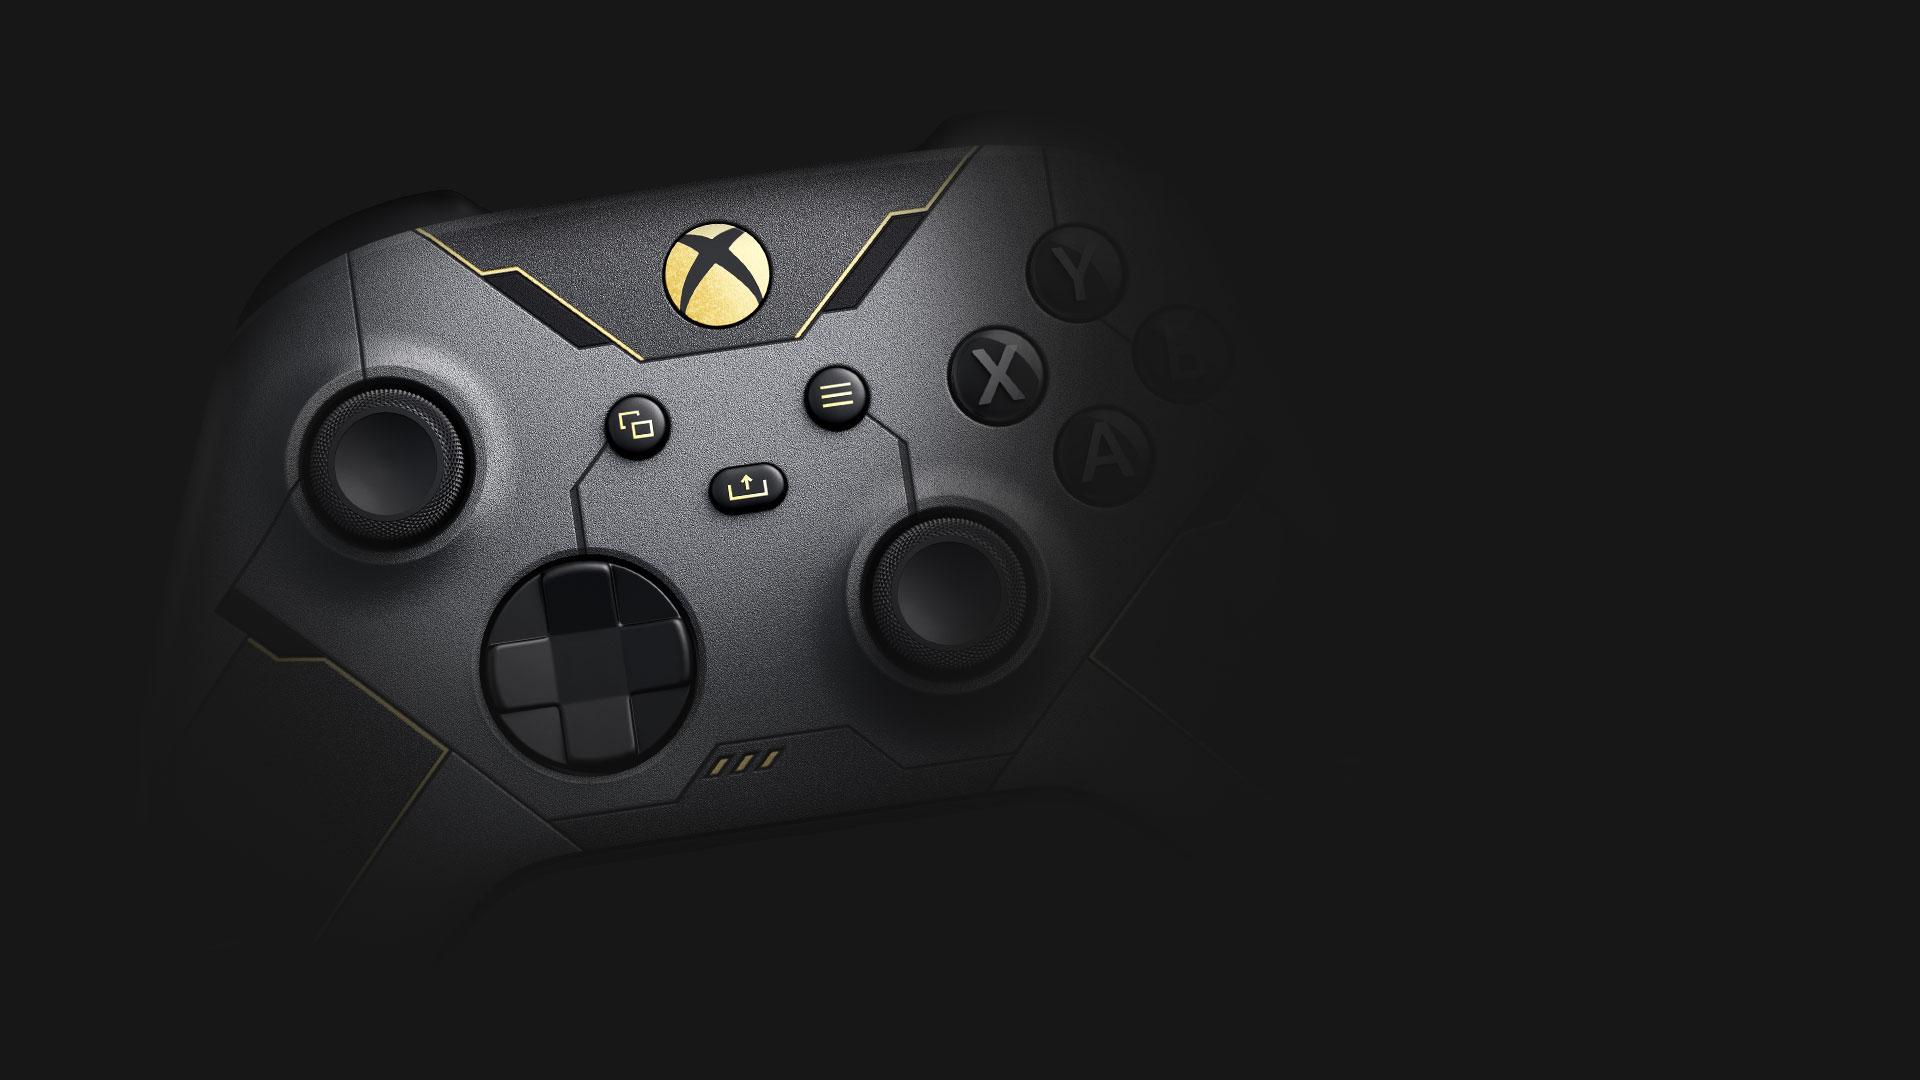 Vista anteriore del Controller Wireless per Xbox Halo Infinite in edizione limitata